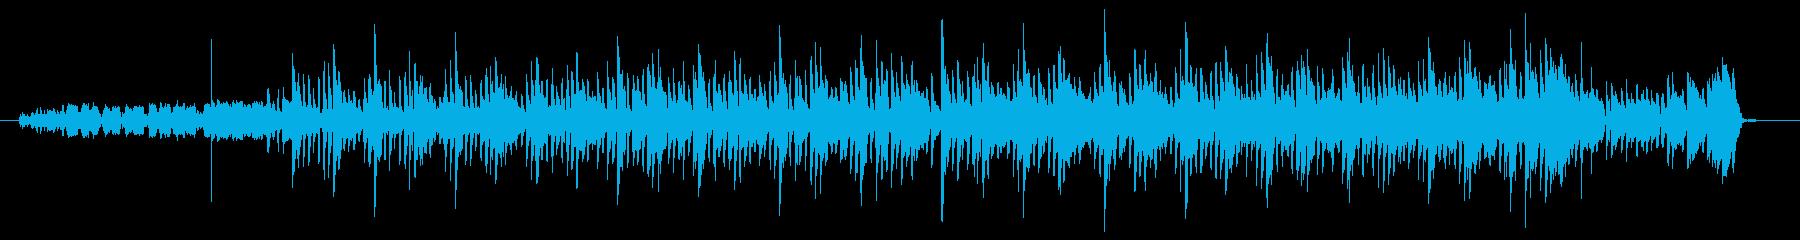 明るく前向きなテクノポップ劇伴の再生済みの波形